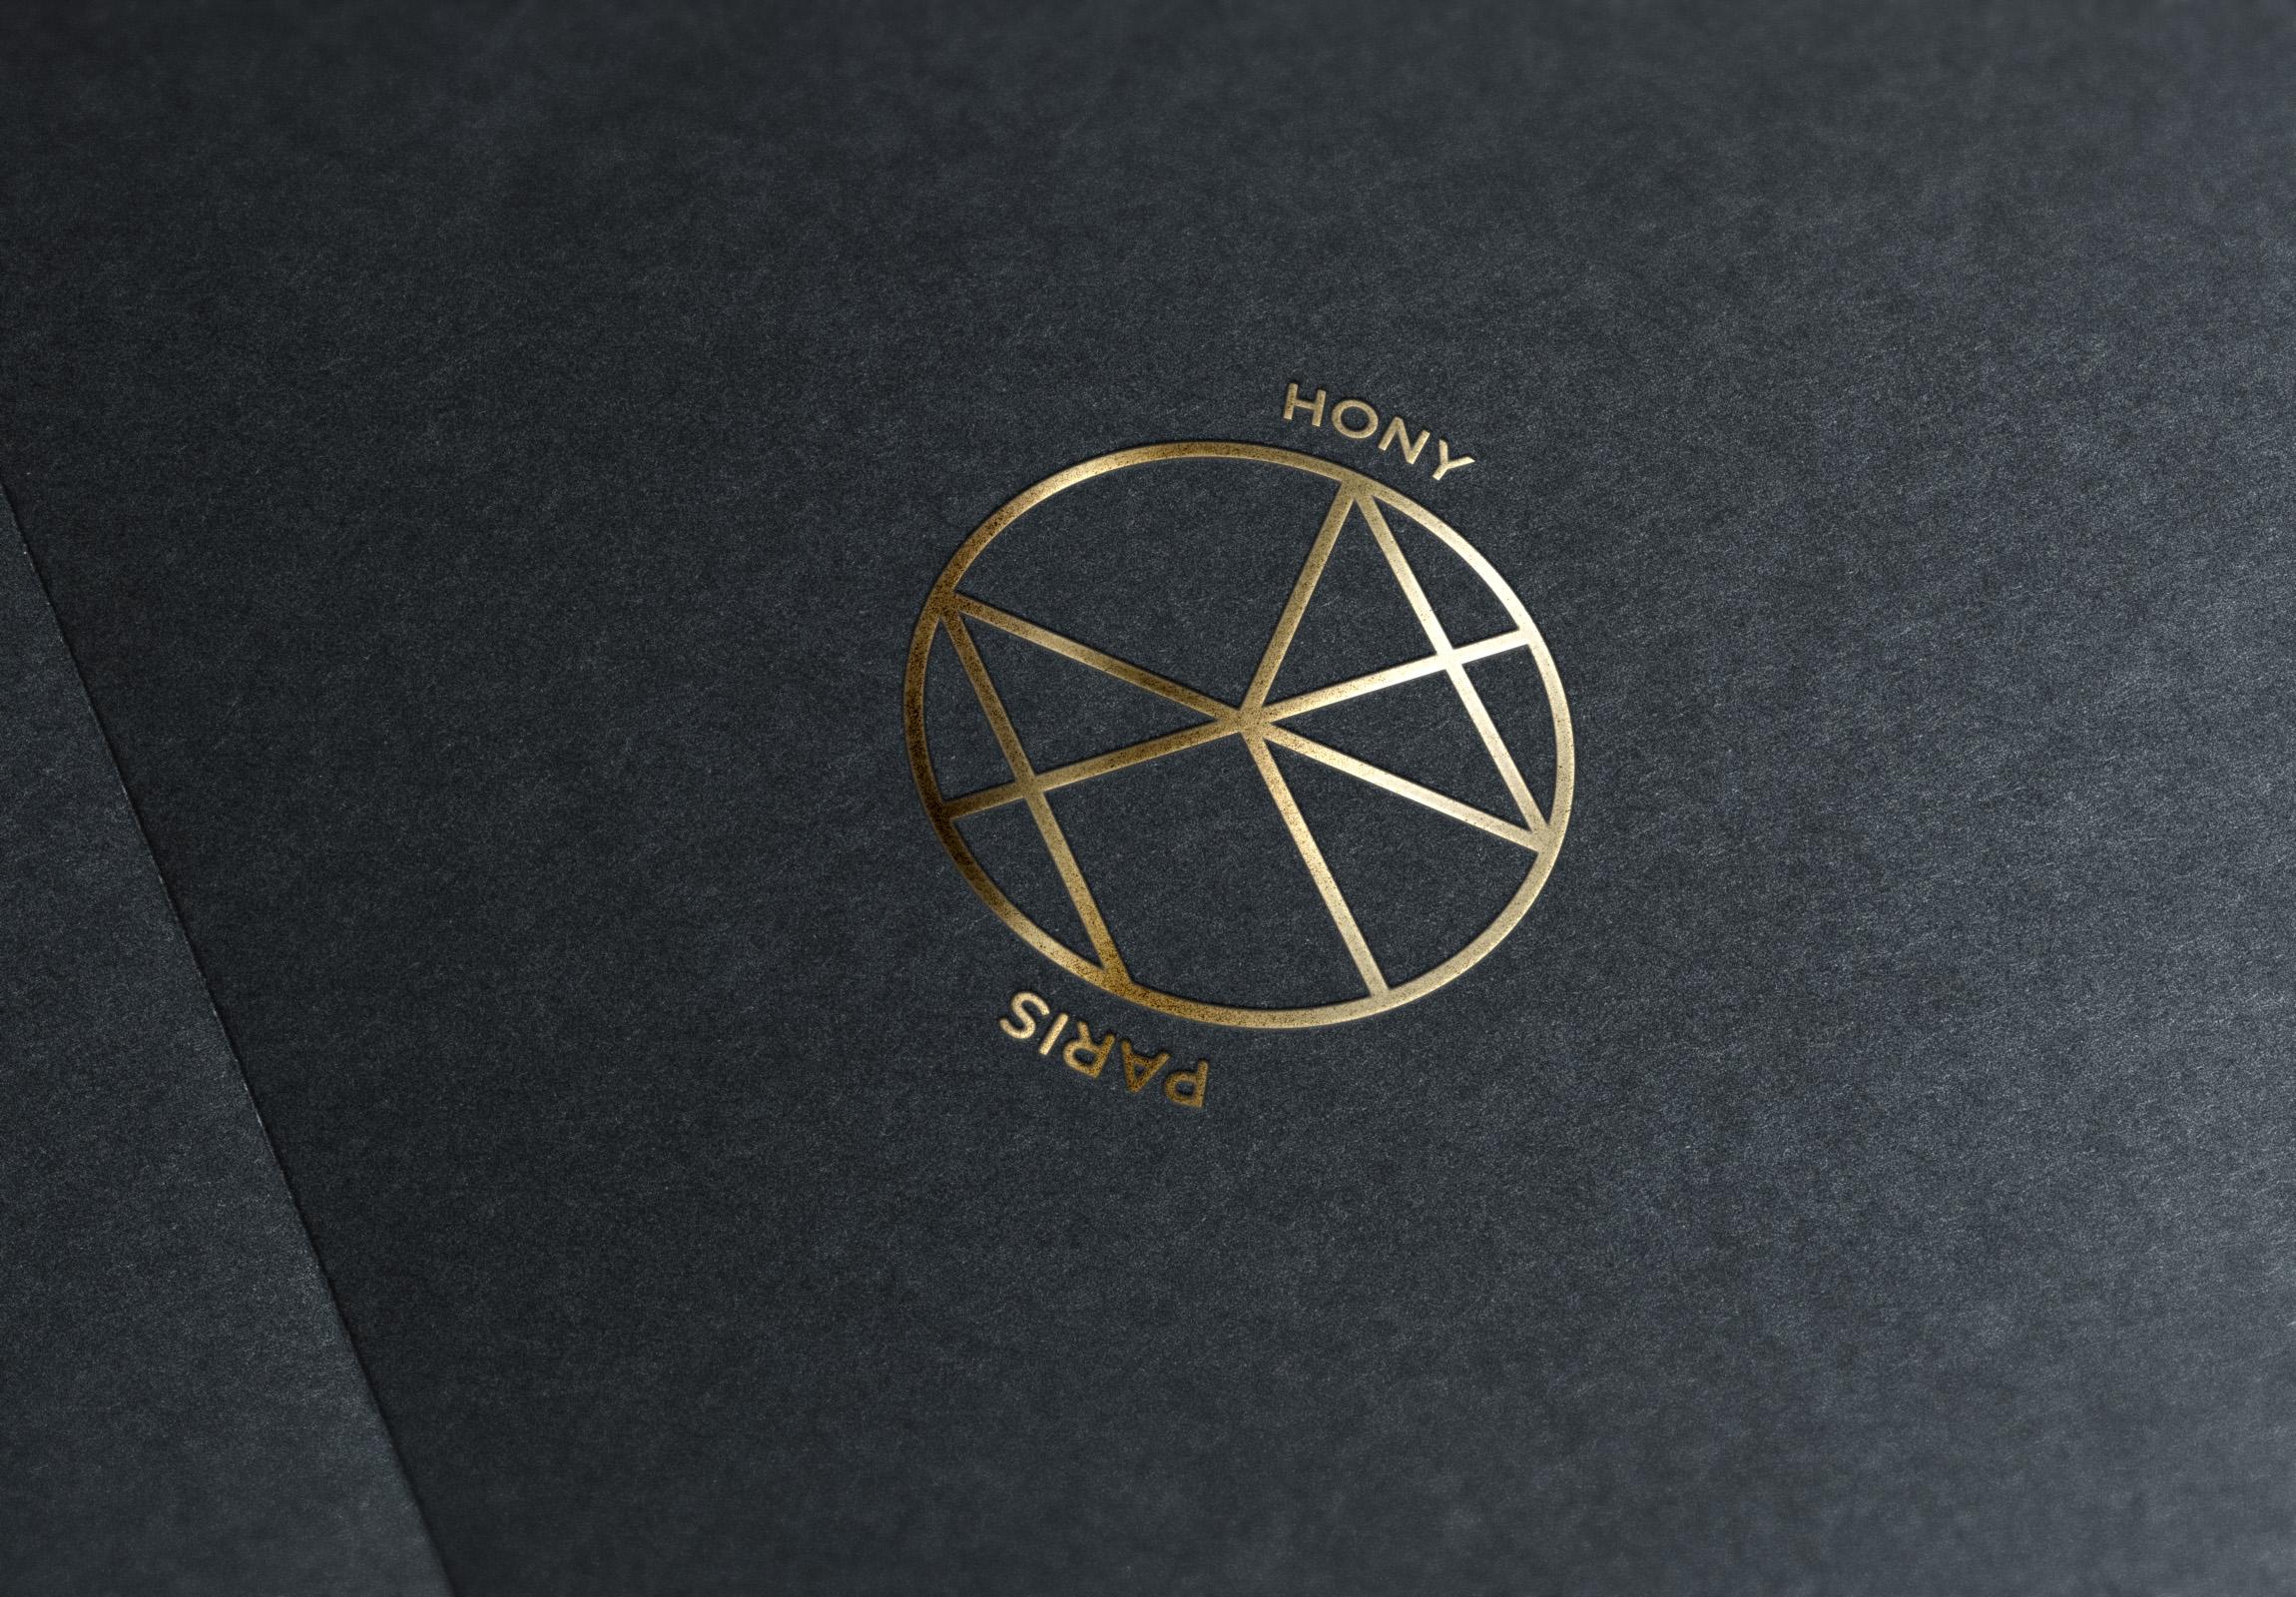 Identité Visuelle Hony Paris